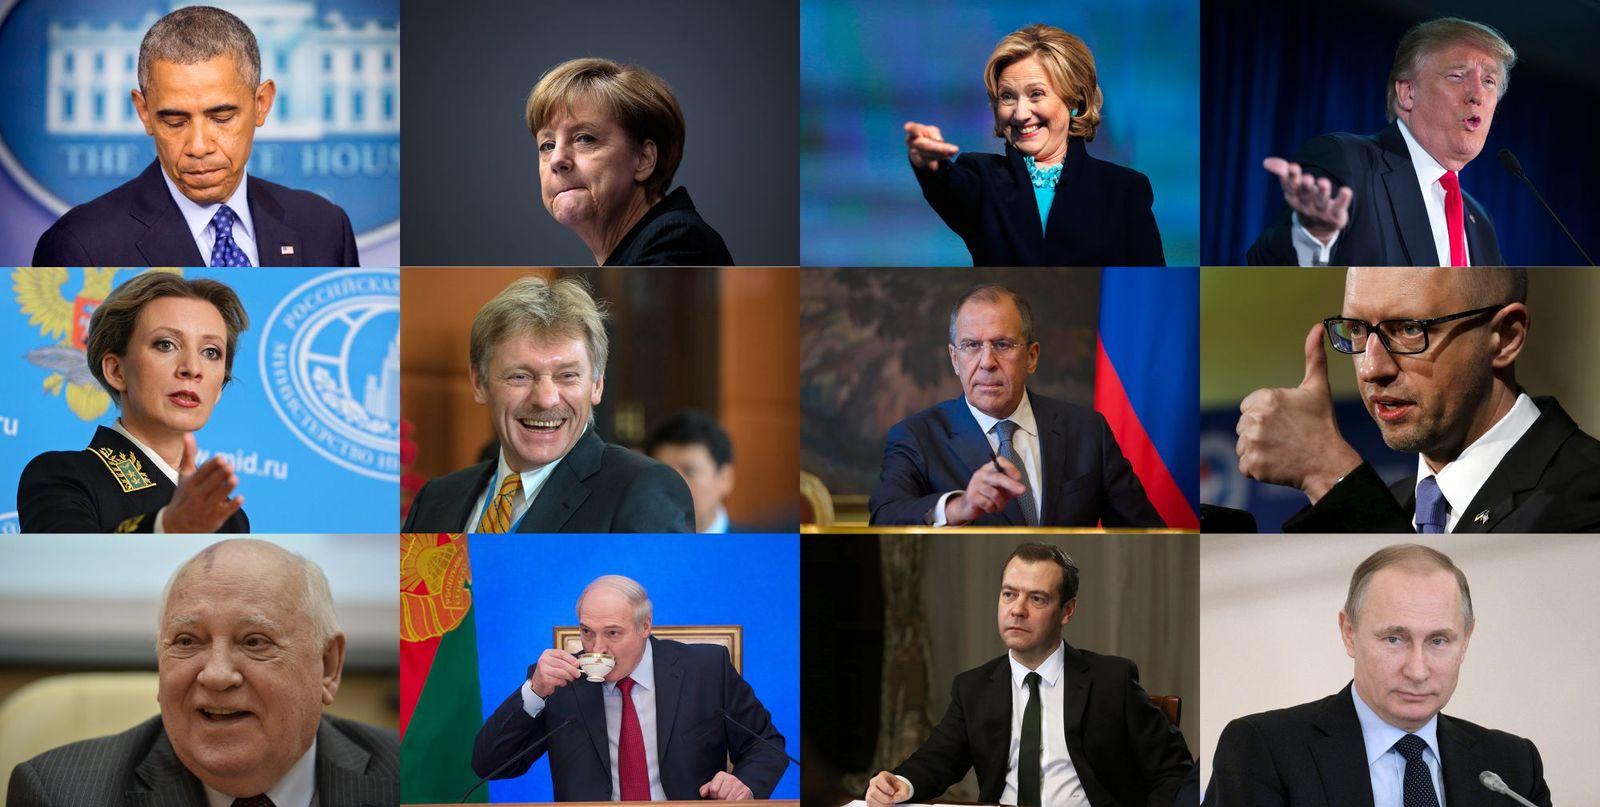 Картинки по запросу мировая политика